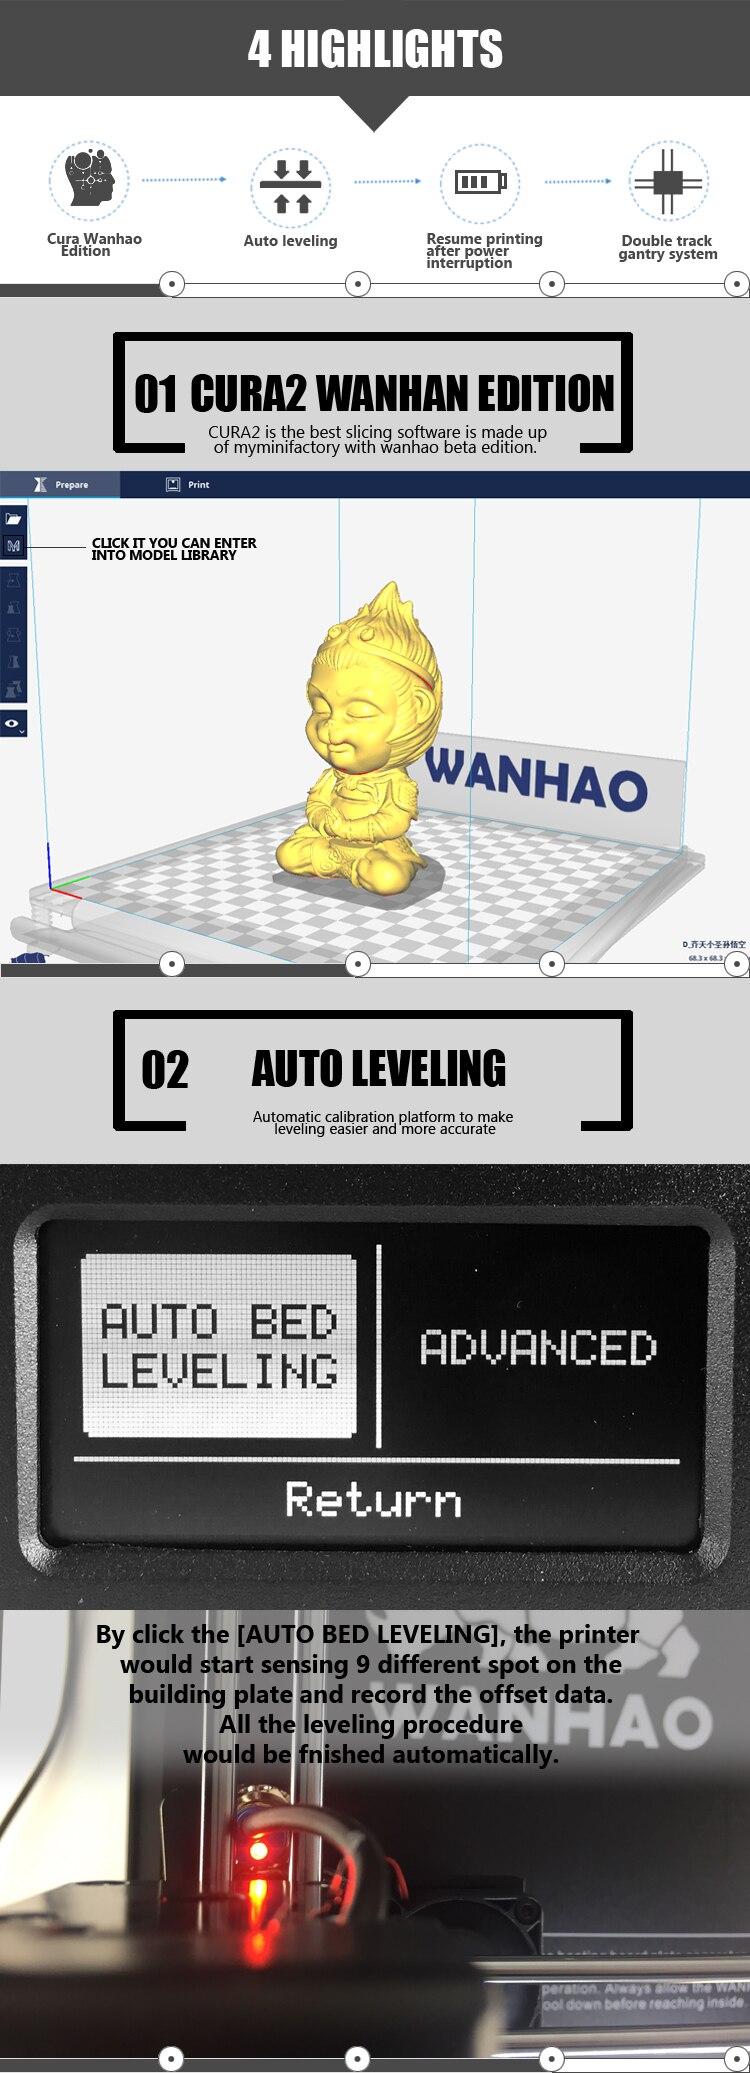 Wanhao fdm 3d impressora d6 plus com